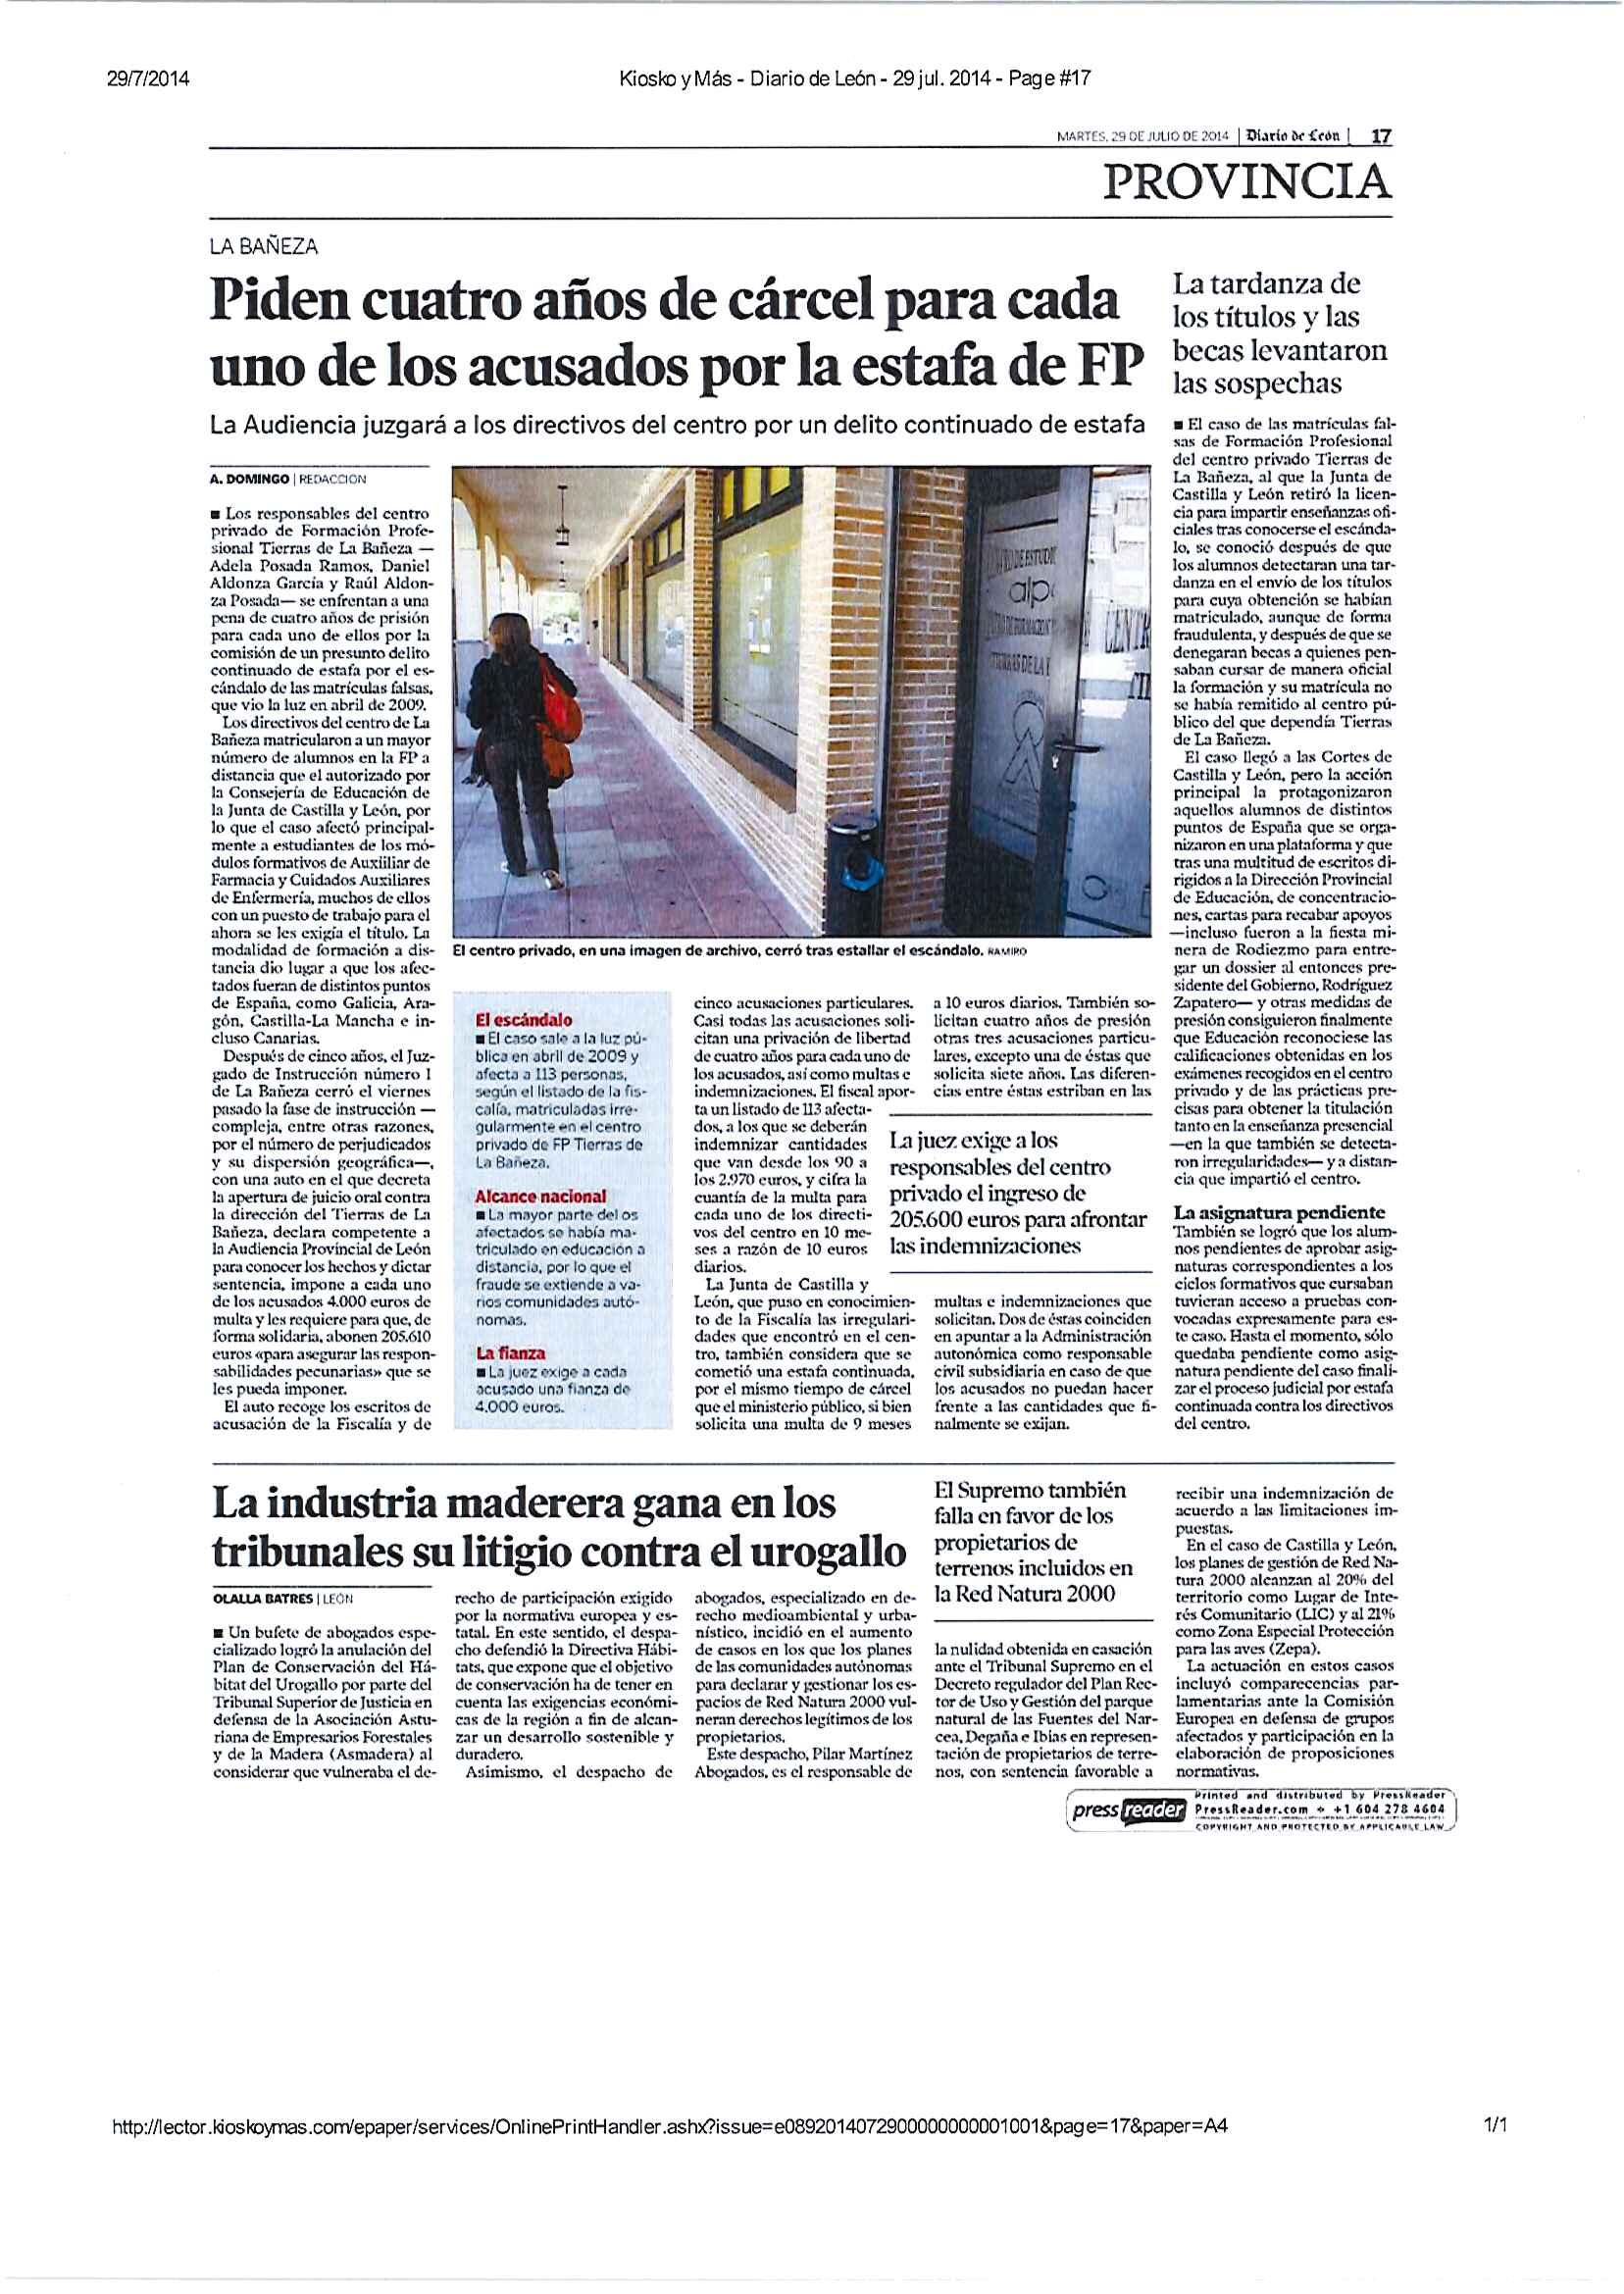 Diario de León 290714